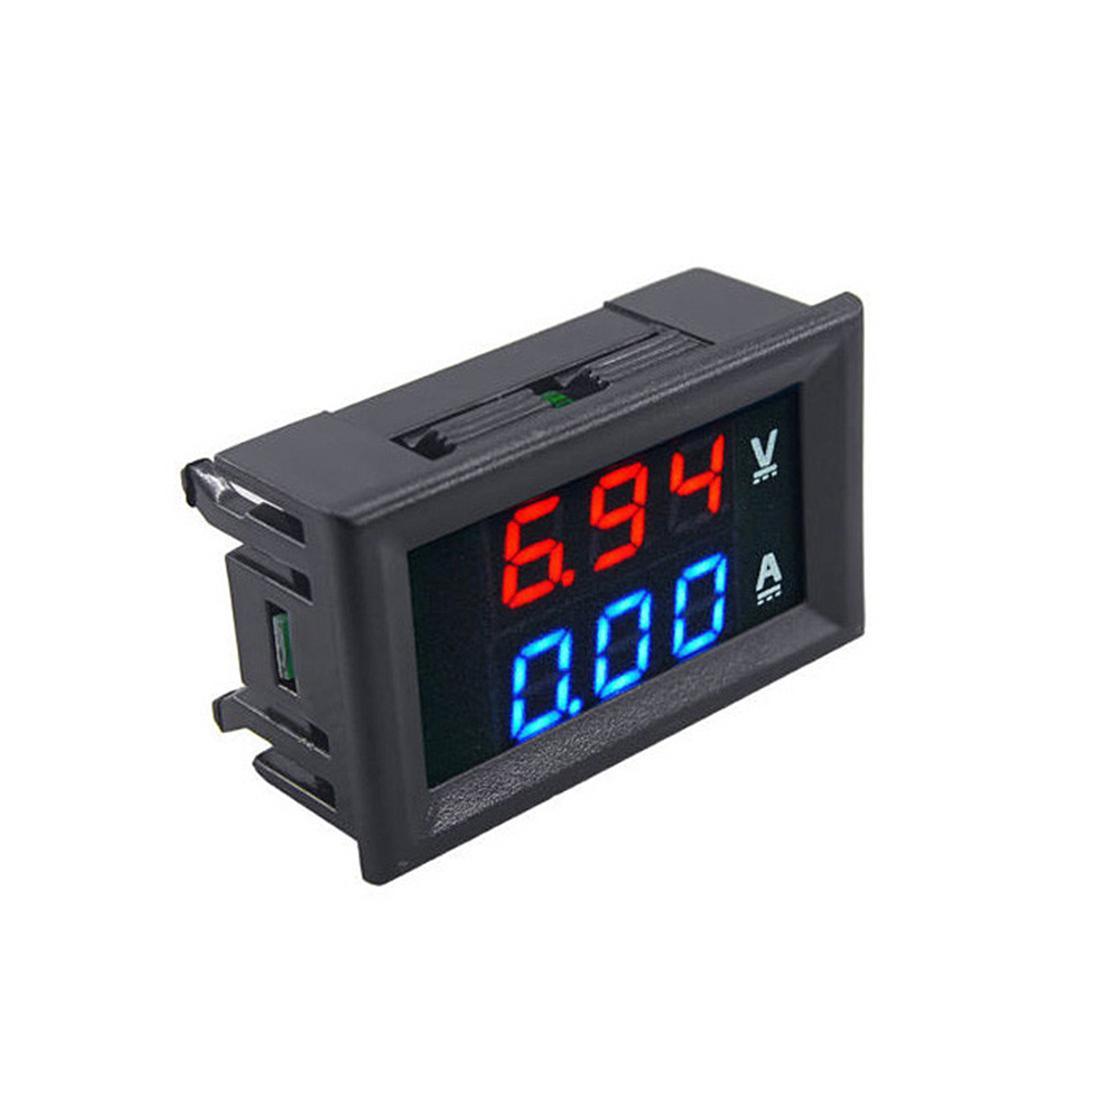 """مصغرة الرقمية الفولتميتر مقياس الطراز DC 100 فولت 10a لوحة amp فولت الجهد الحالي متر اختبار كاشف 0.56 """"شاشة LED المزدوجة السيارات السيارات"""